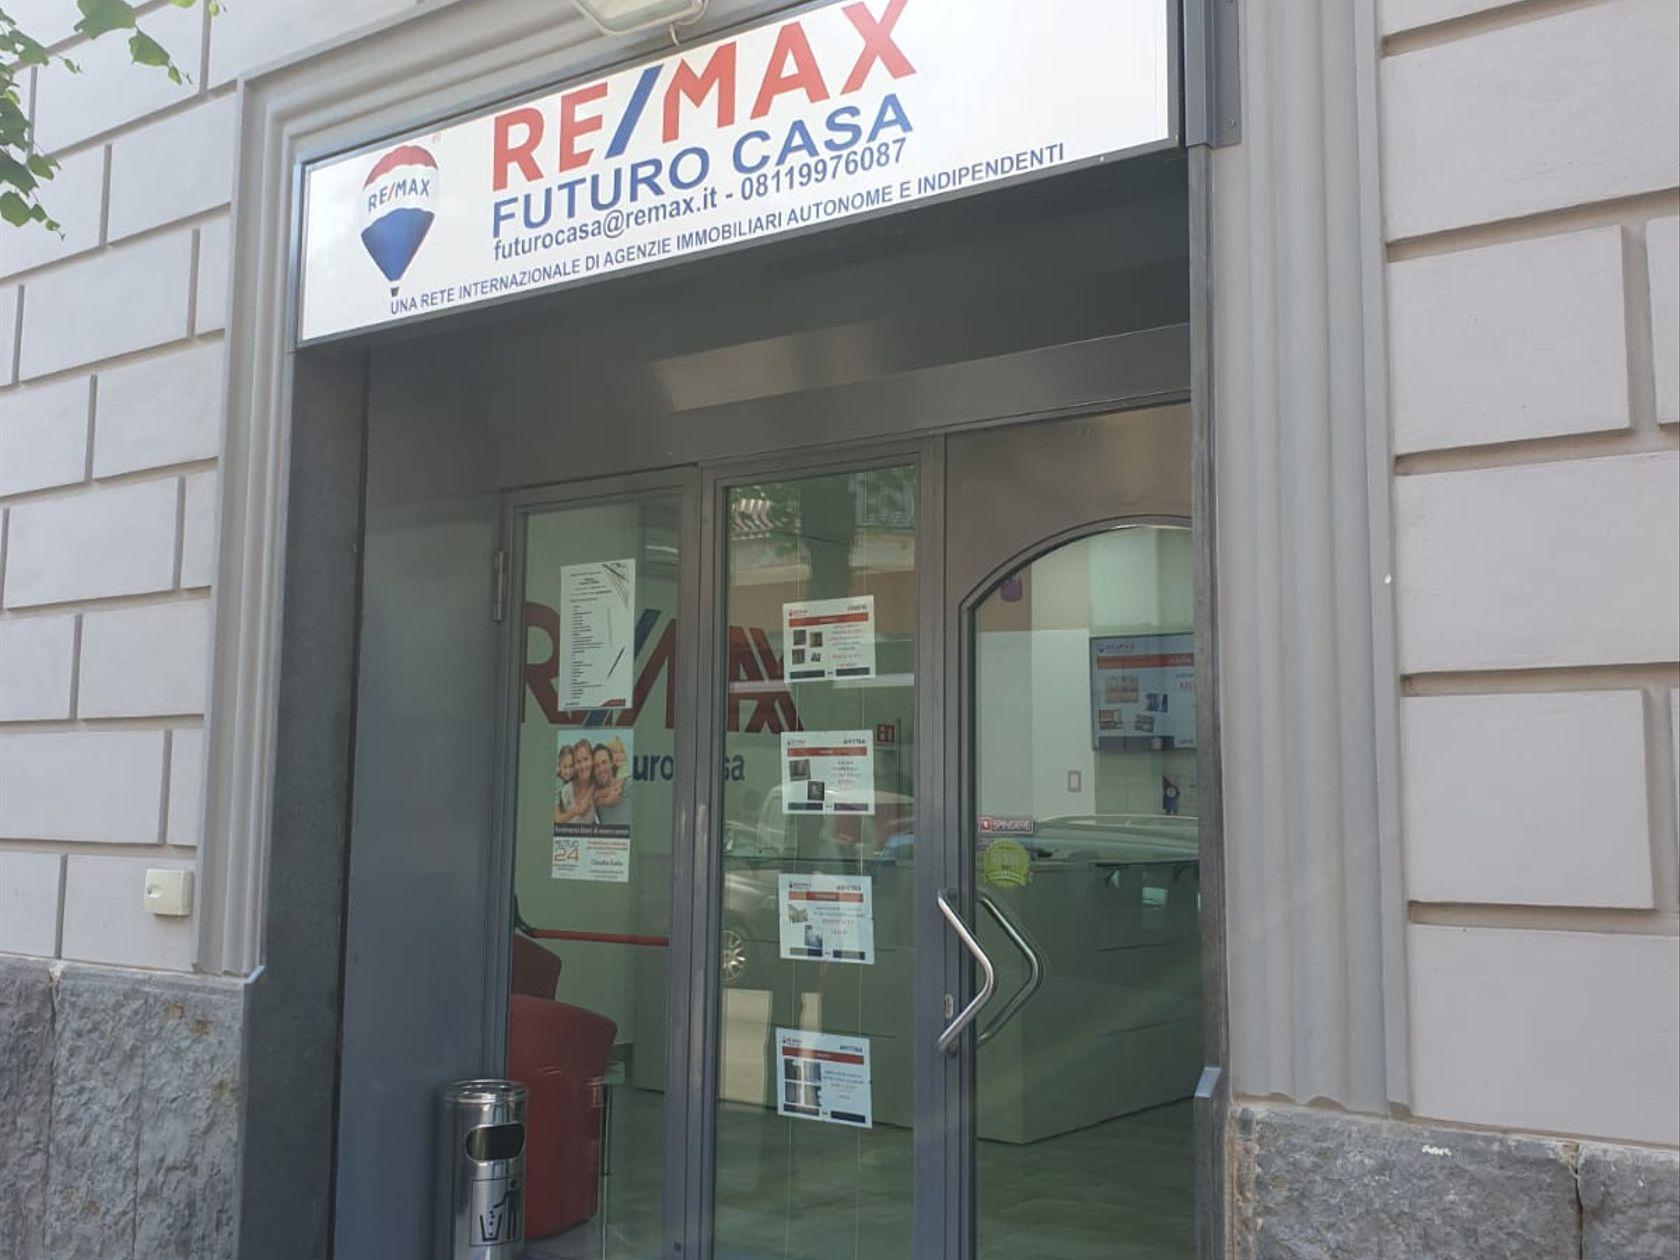 RE/MAX Futuro Casa Afragola